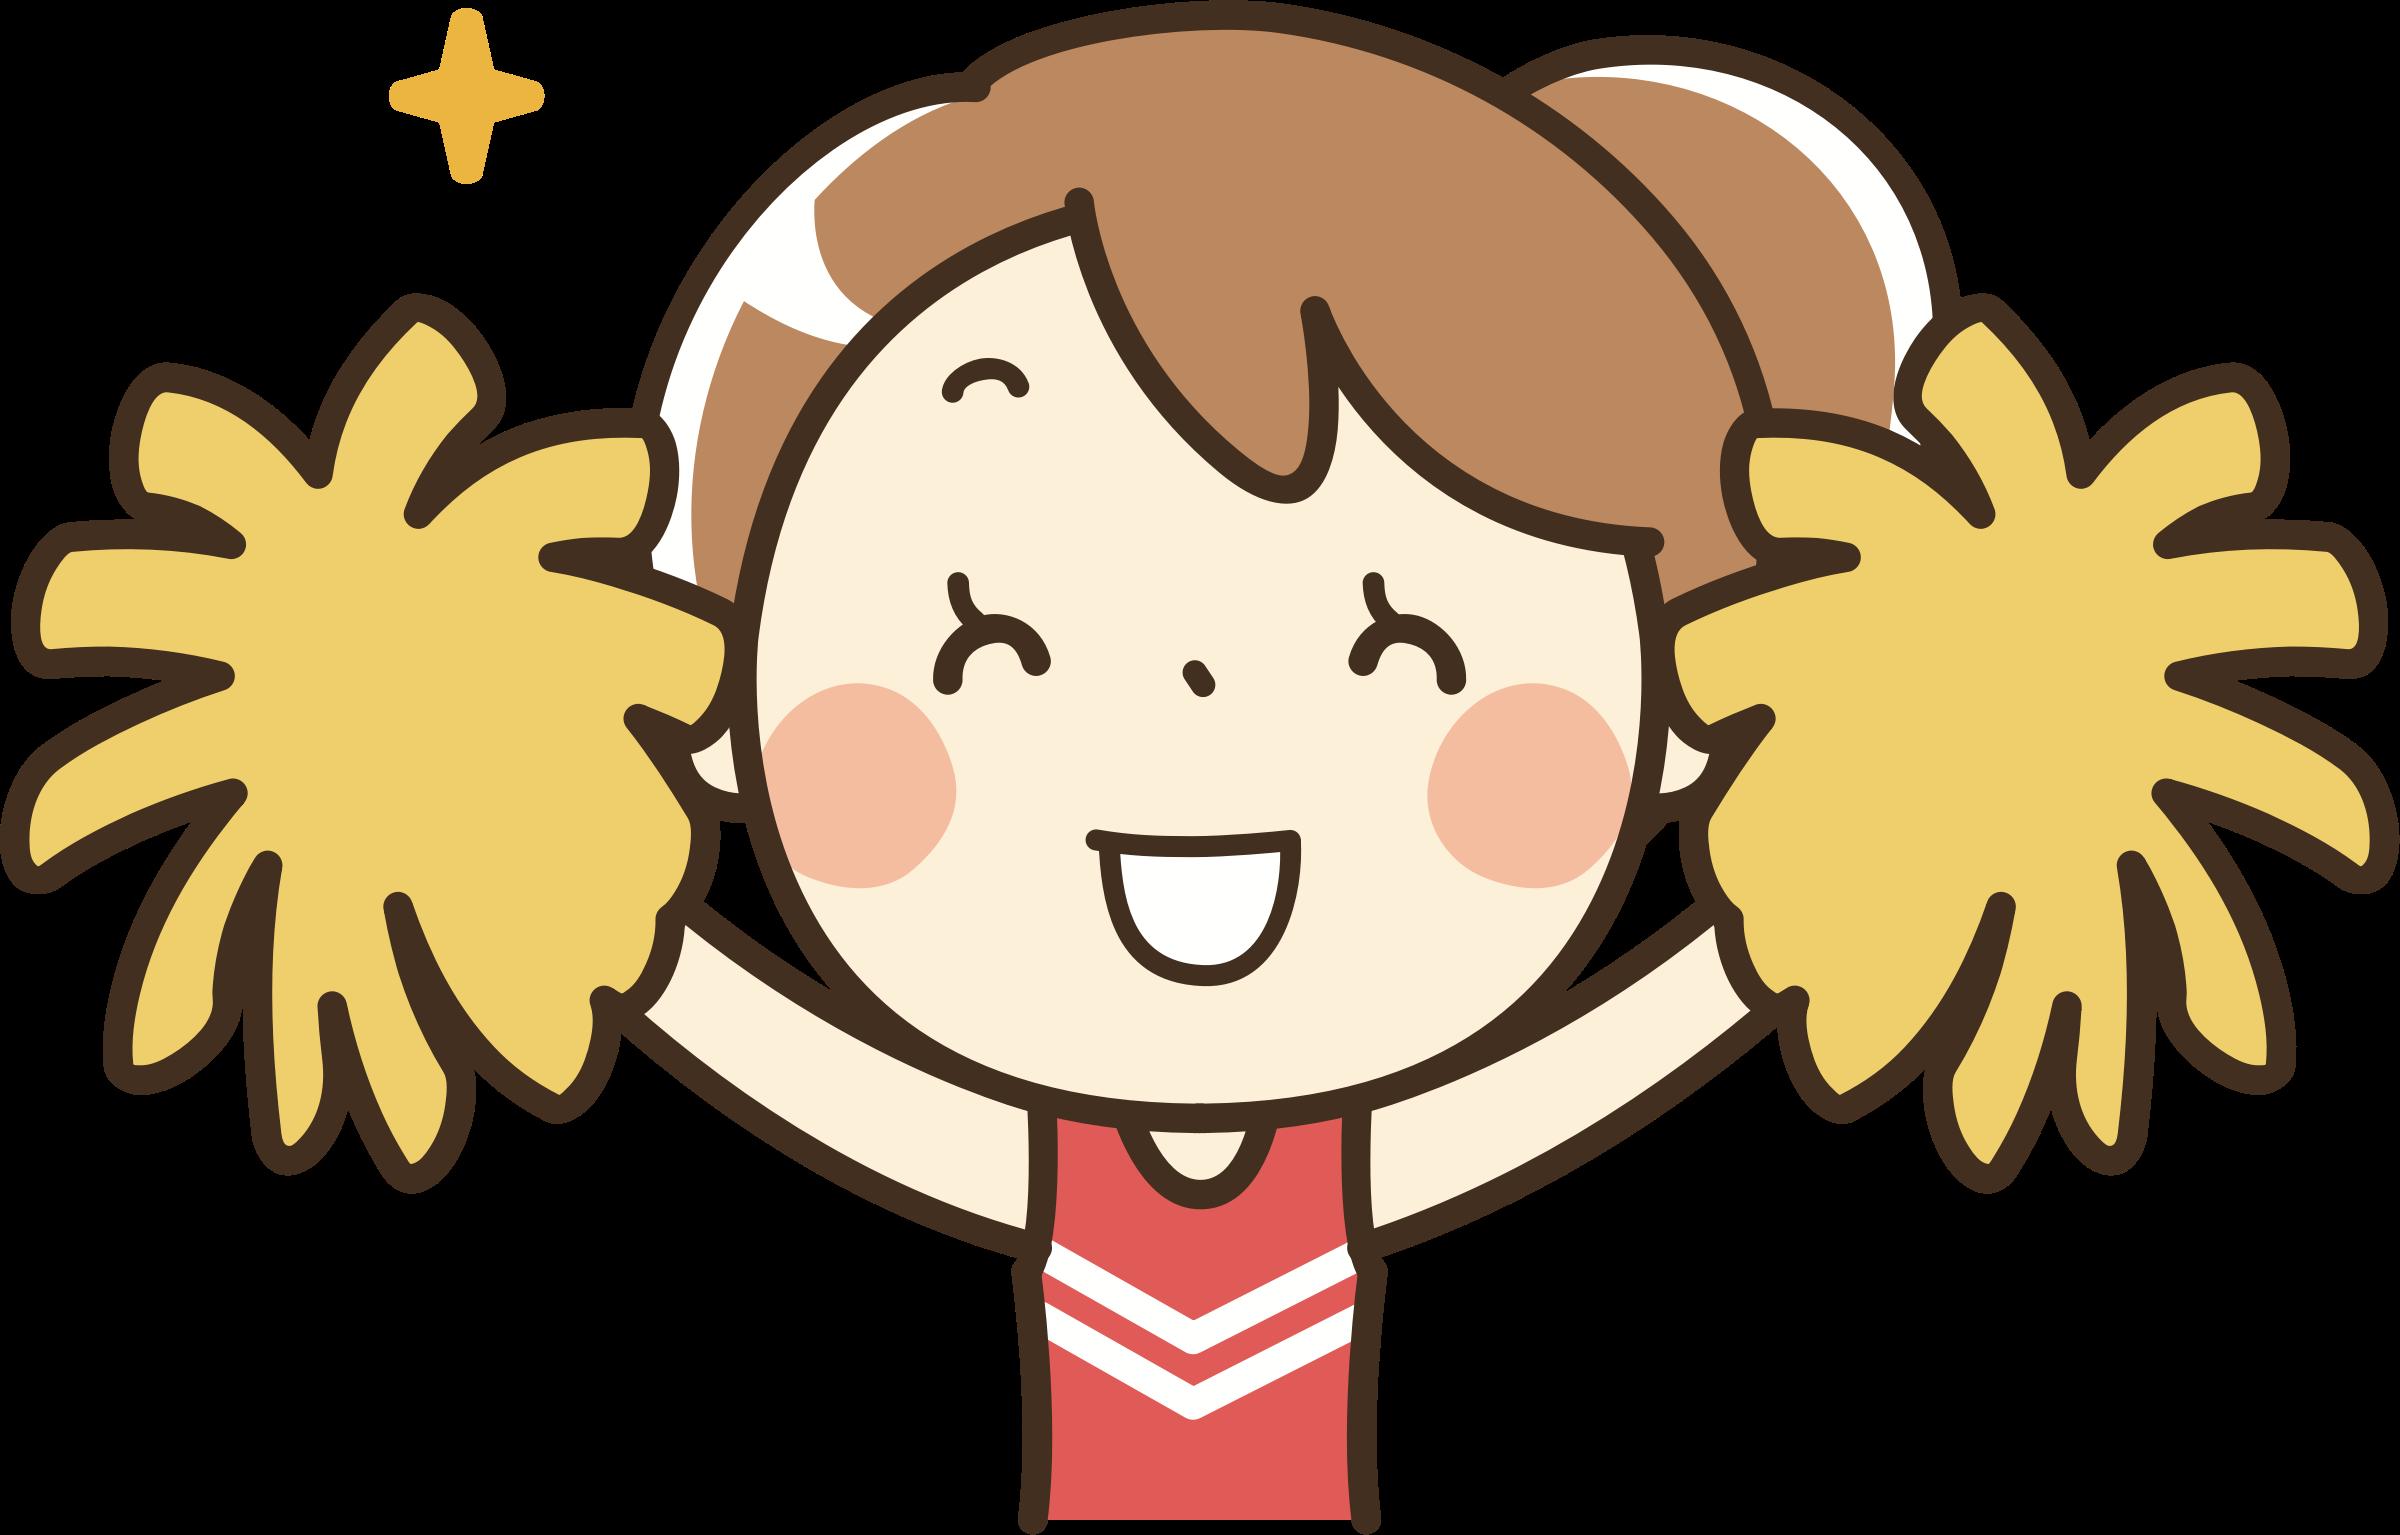 free download cheerleaders drawing boy #91560199